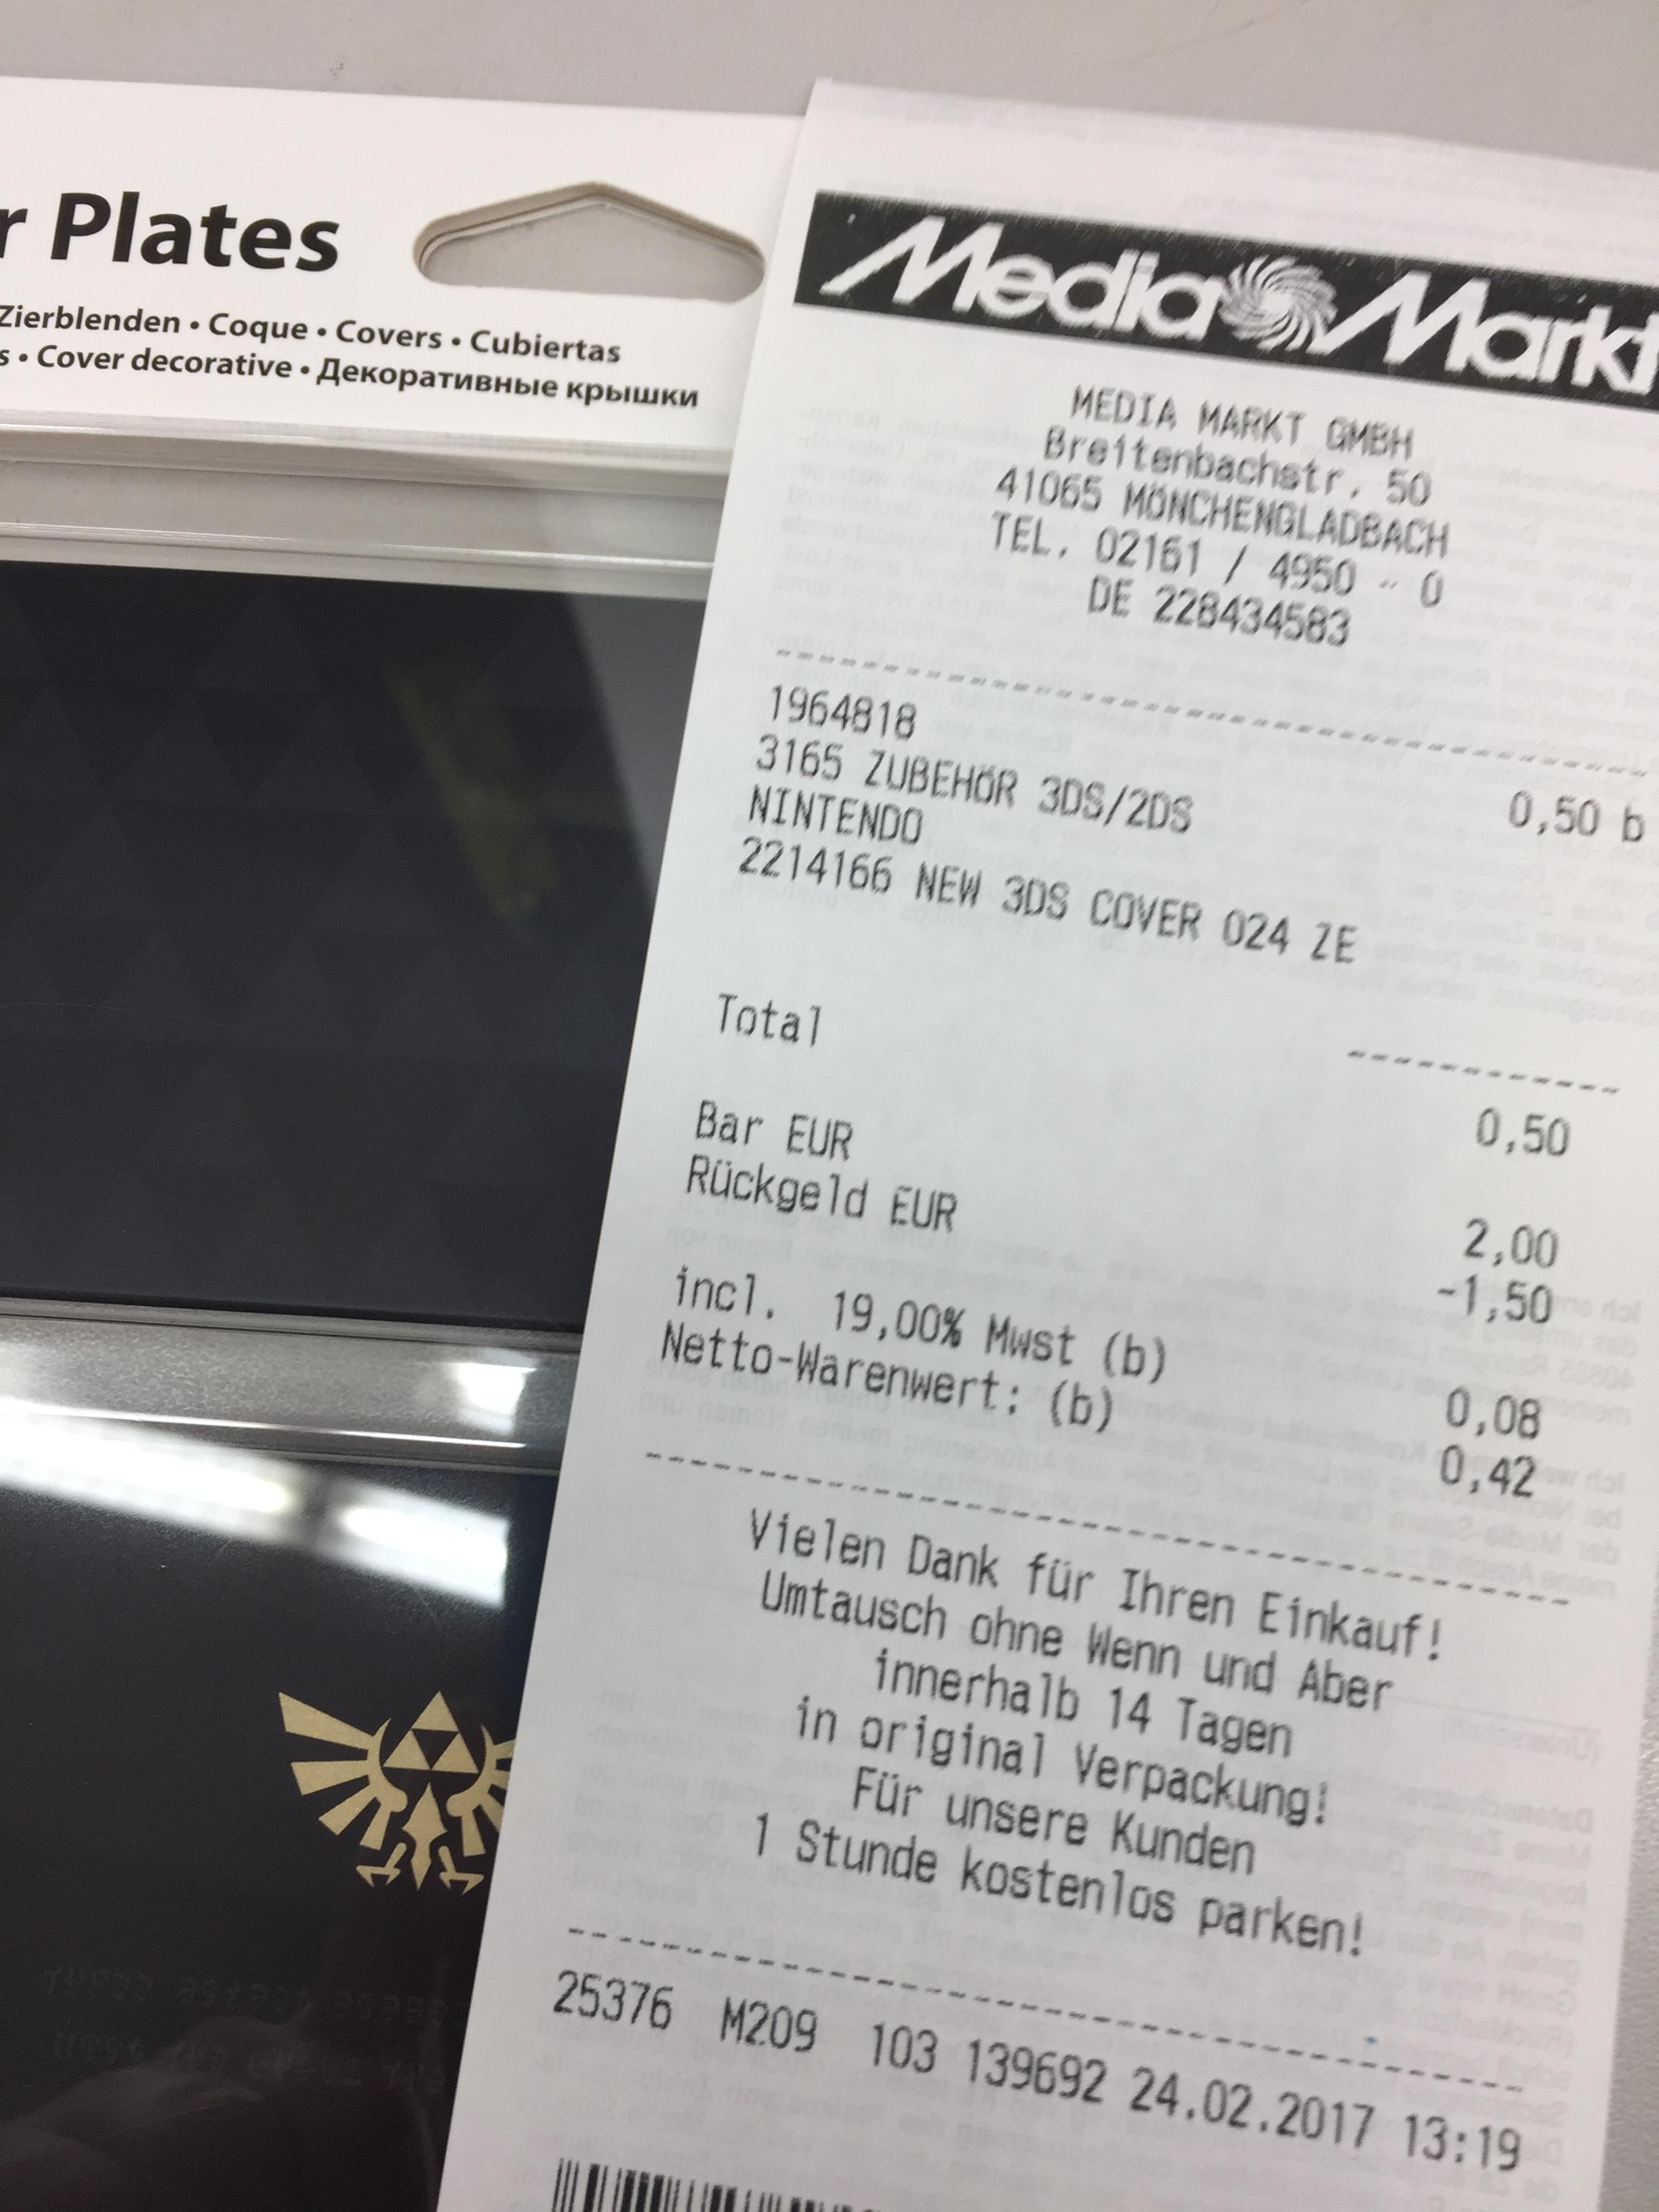 (Lokal Media Markt Mönchengladbach) New 3DS Zelda Faceplates